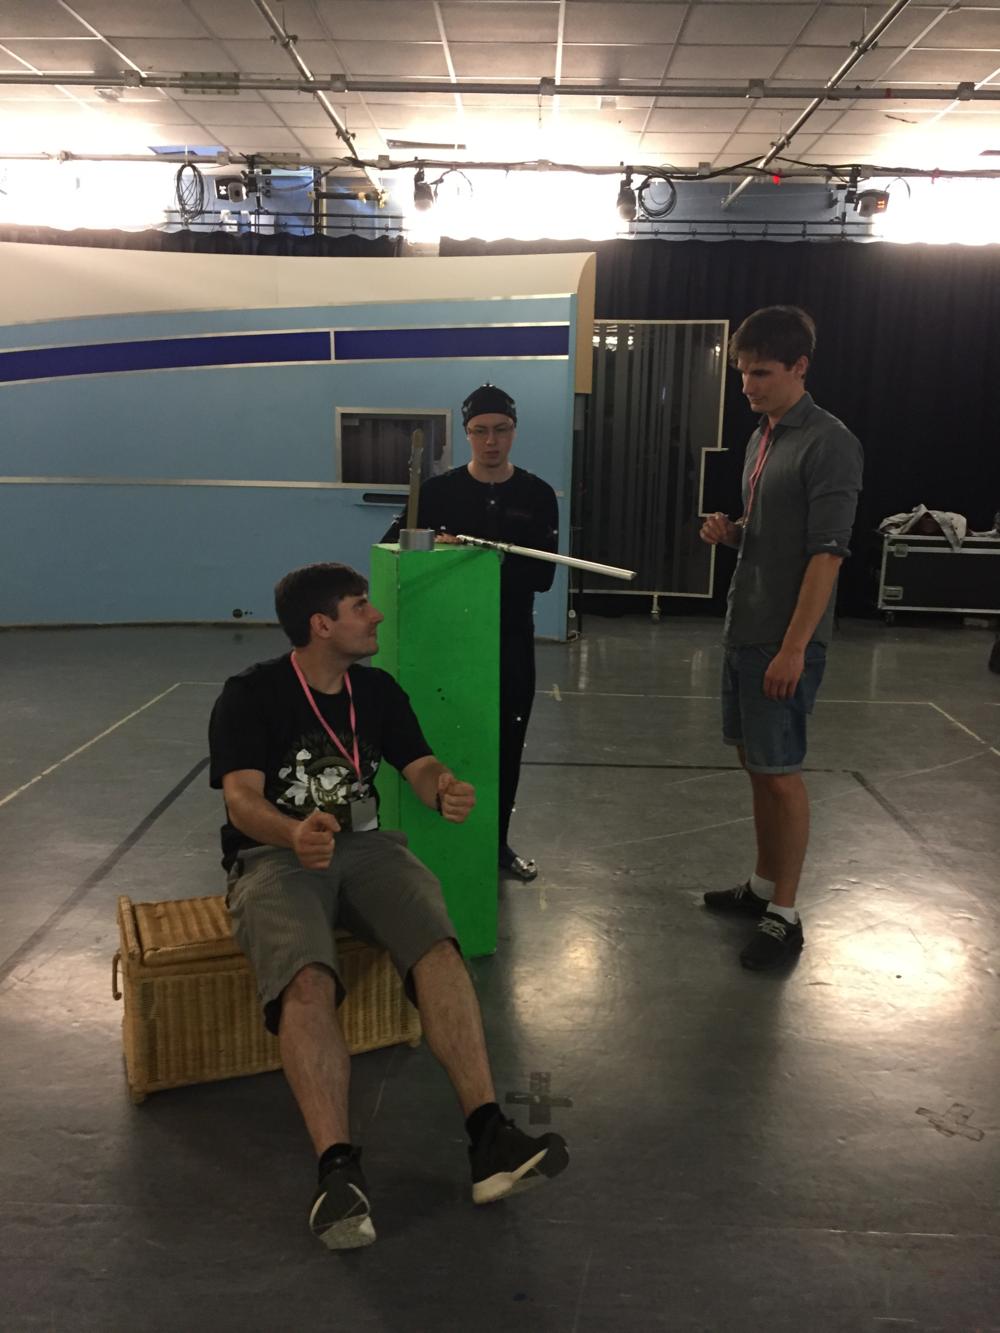 Nik hard at work on set...